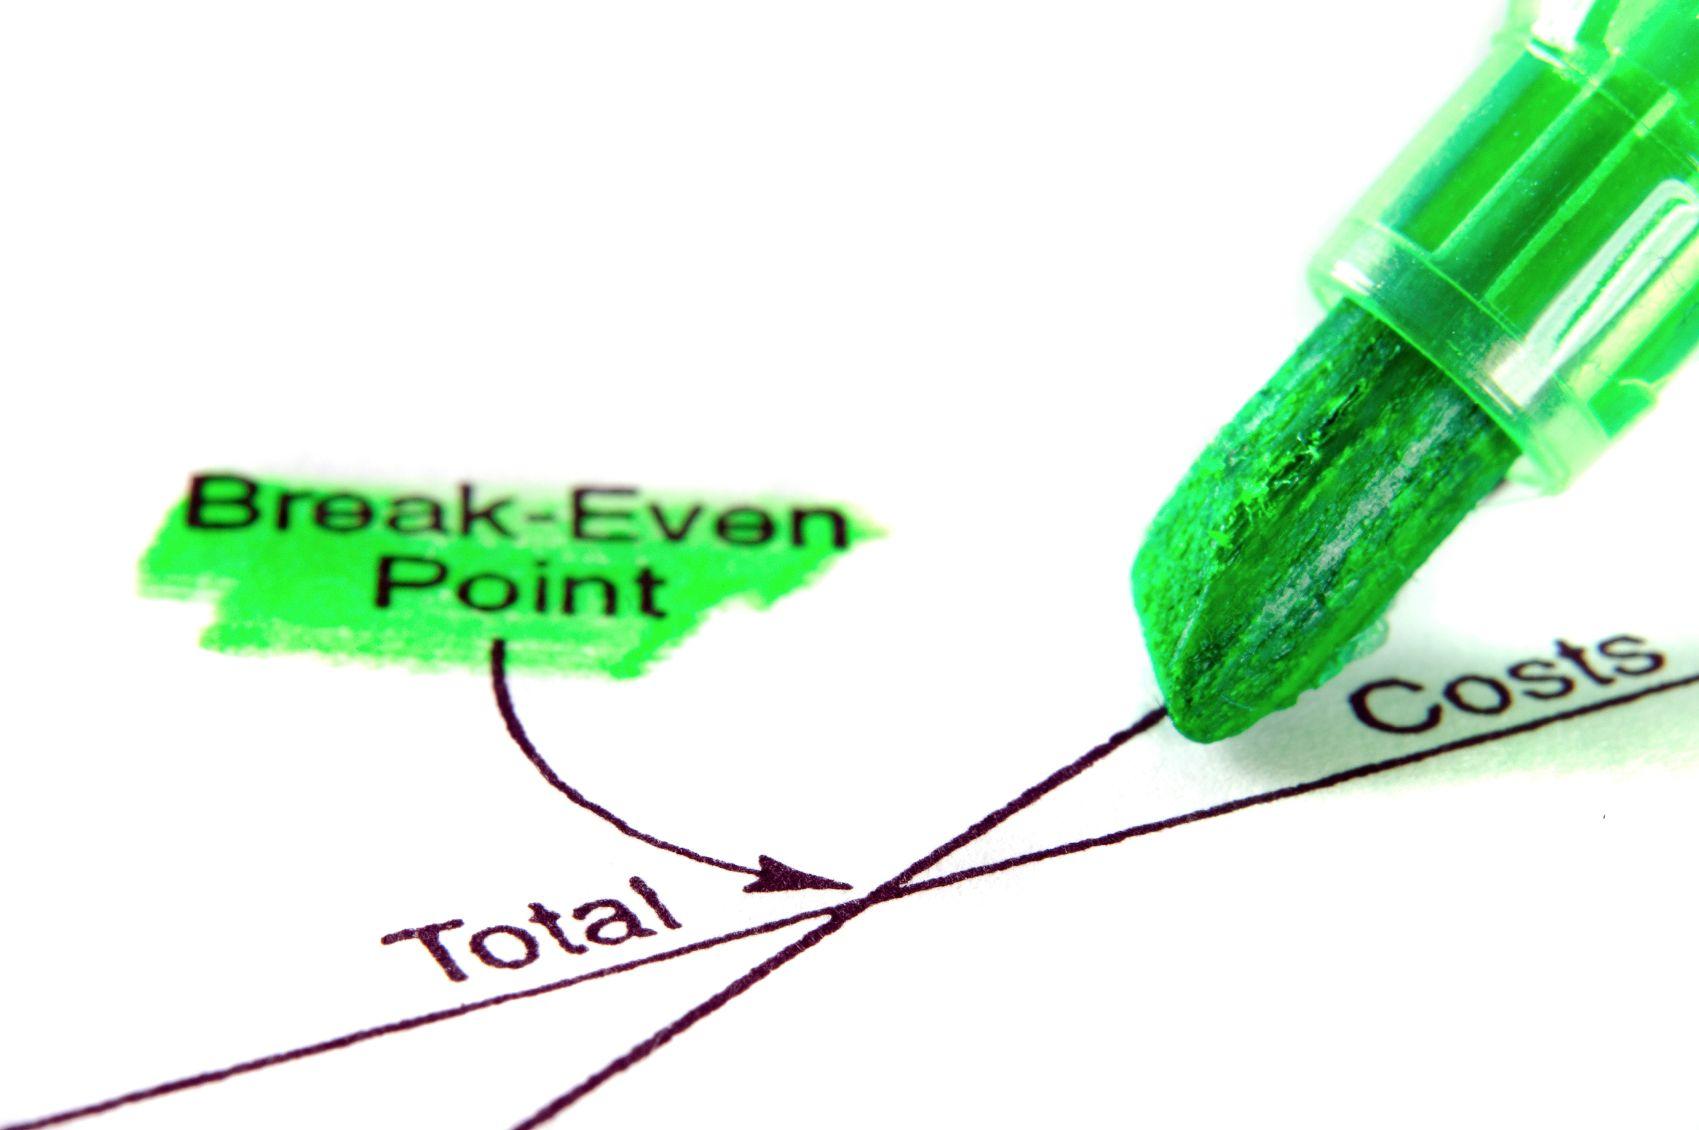 Break Even Point Images, Stock Photos & Vectors | Shutterstock